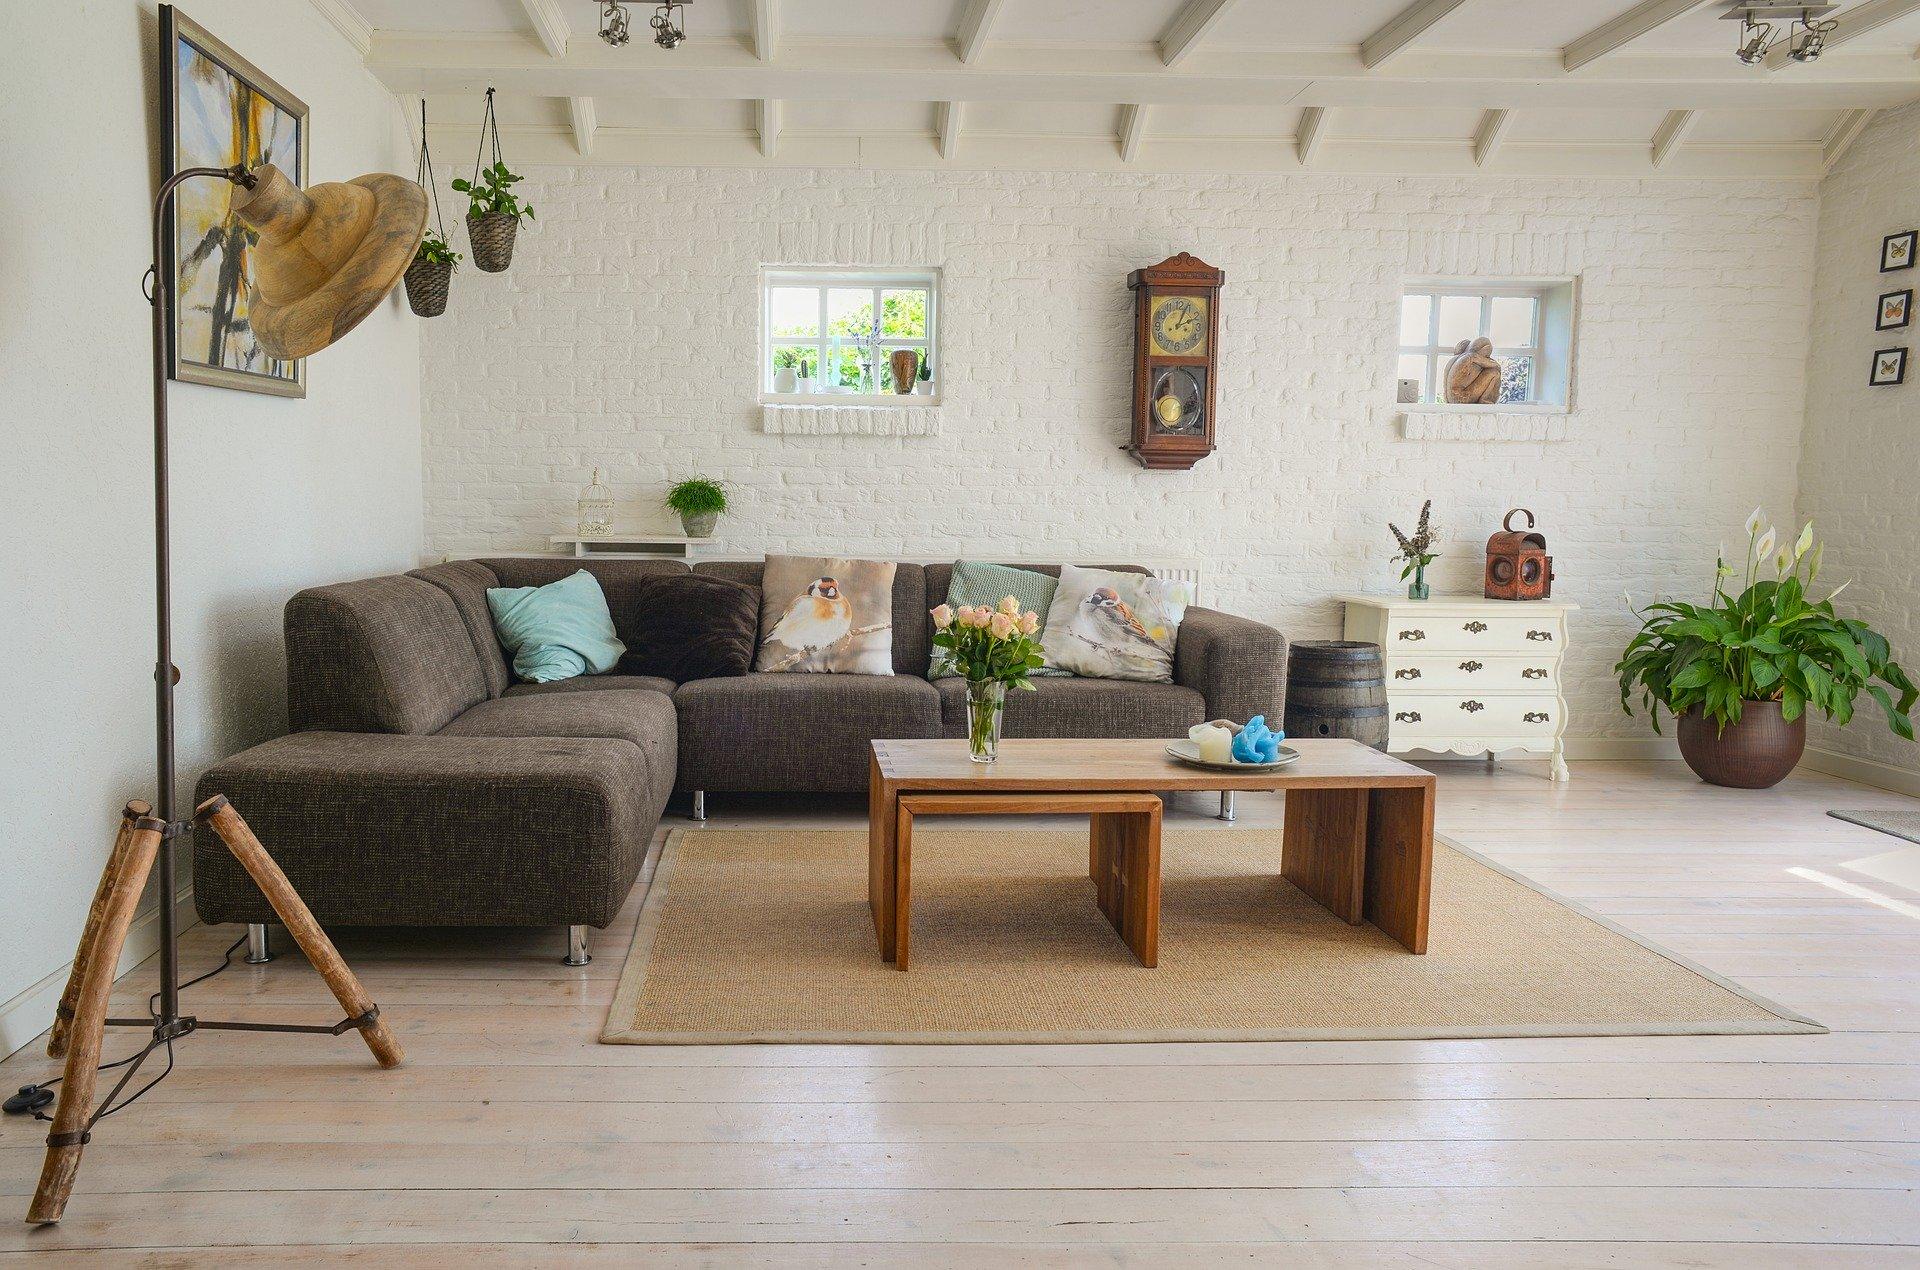 Consejos para decorar tu casa por muy poco dinero